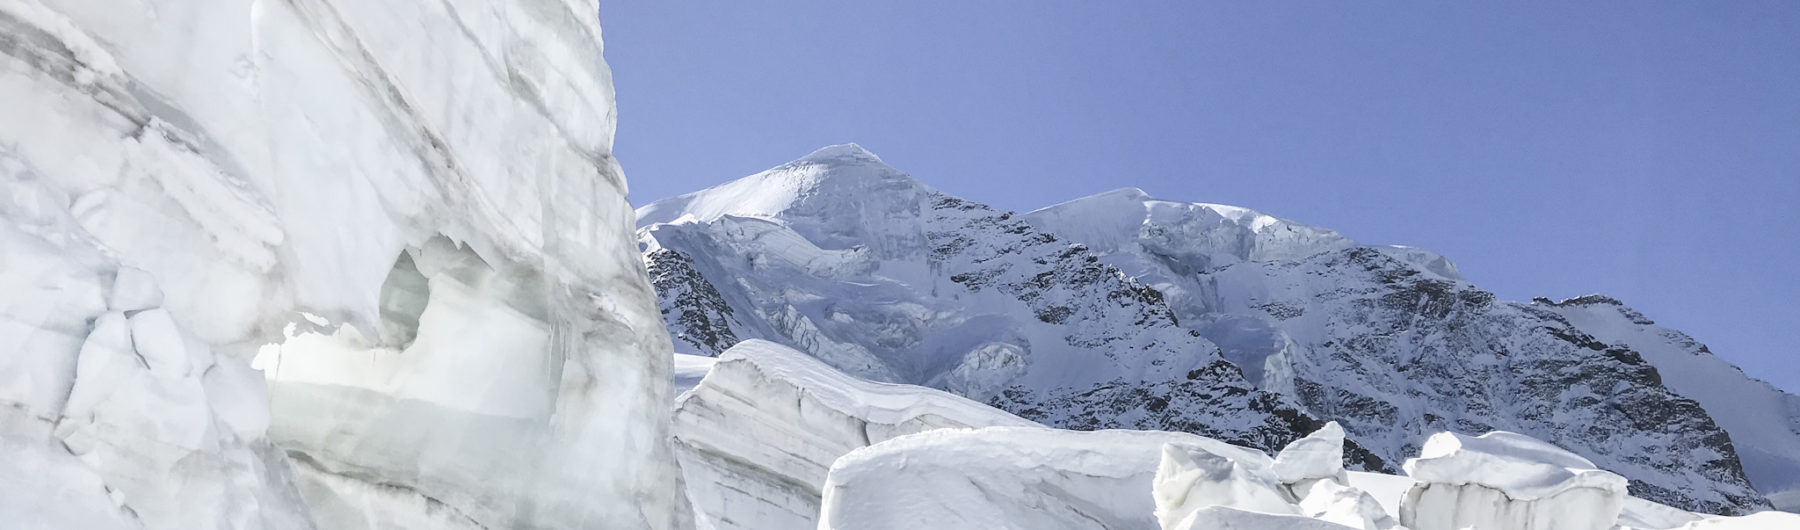 Gletscherspalten am Großvenediger